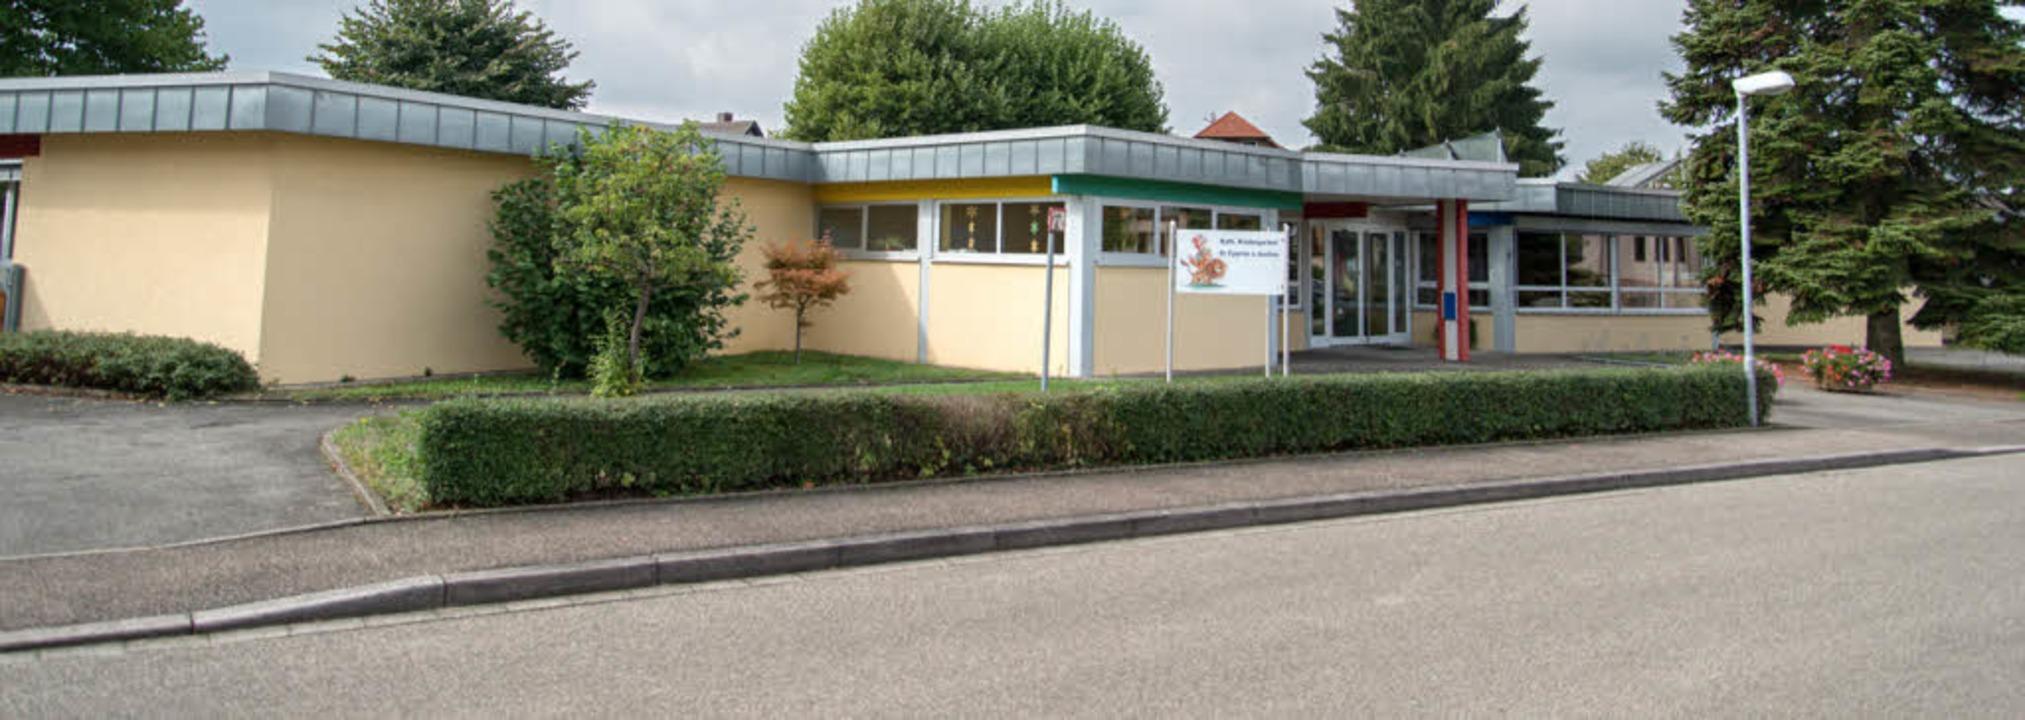 Vor 40 Jahren zog der Kindergarten aus...n Aktionen wird das Jubiläum begangen.  | Foto: Olaf Michel